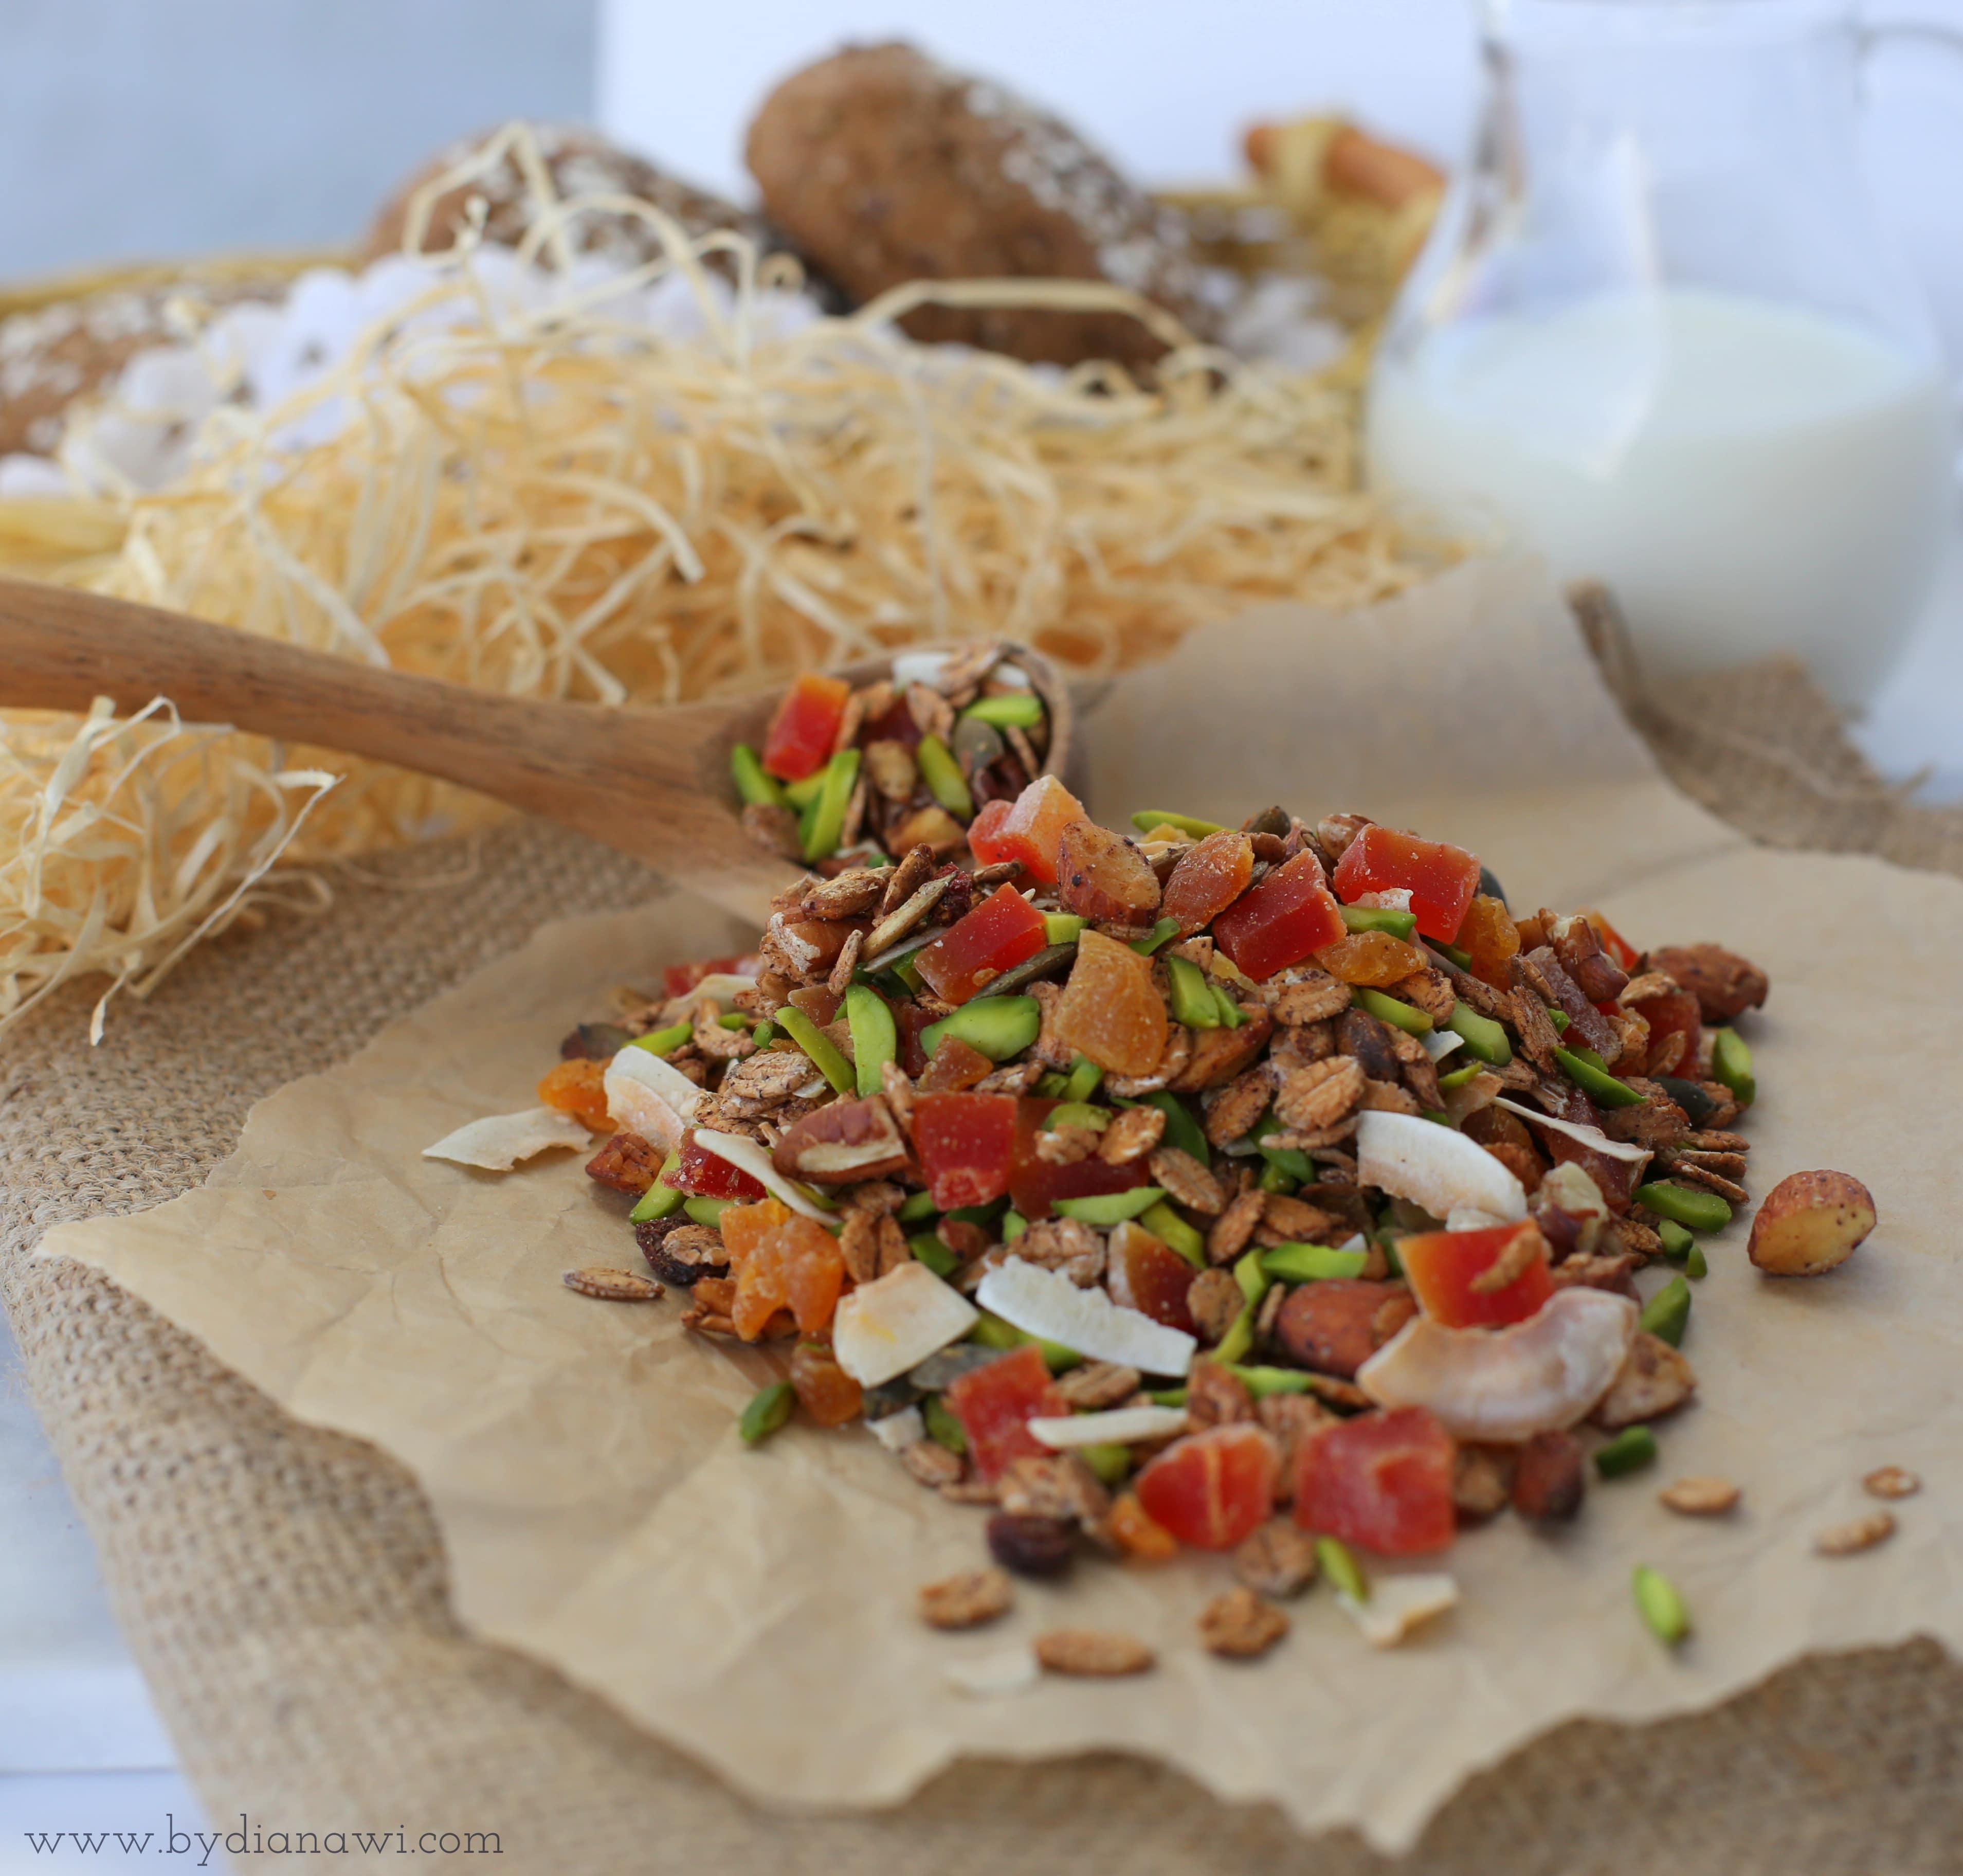 granola opskrift med kæmpenatlysolie